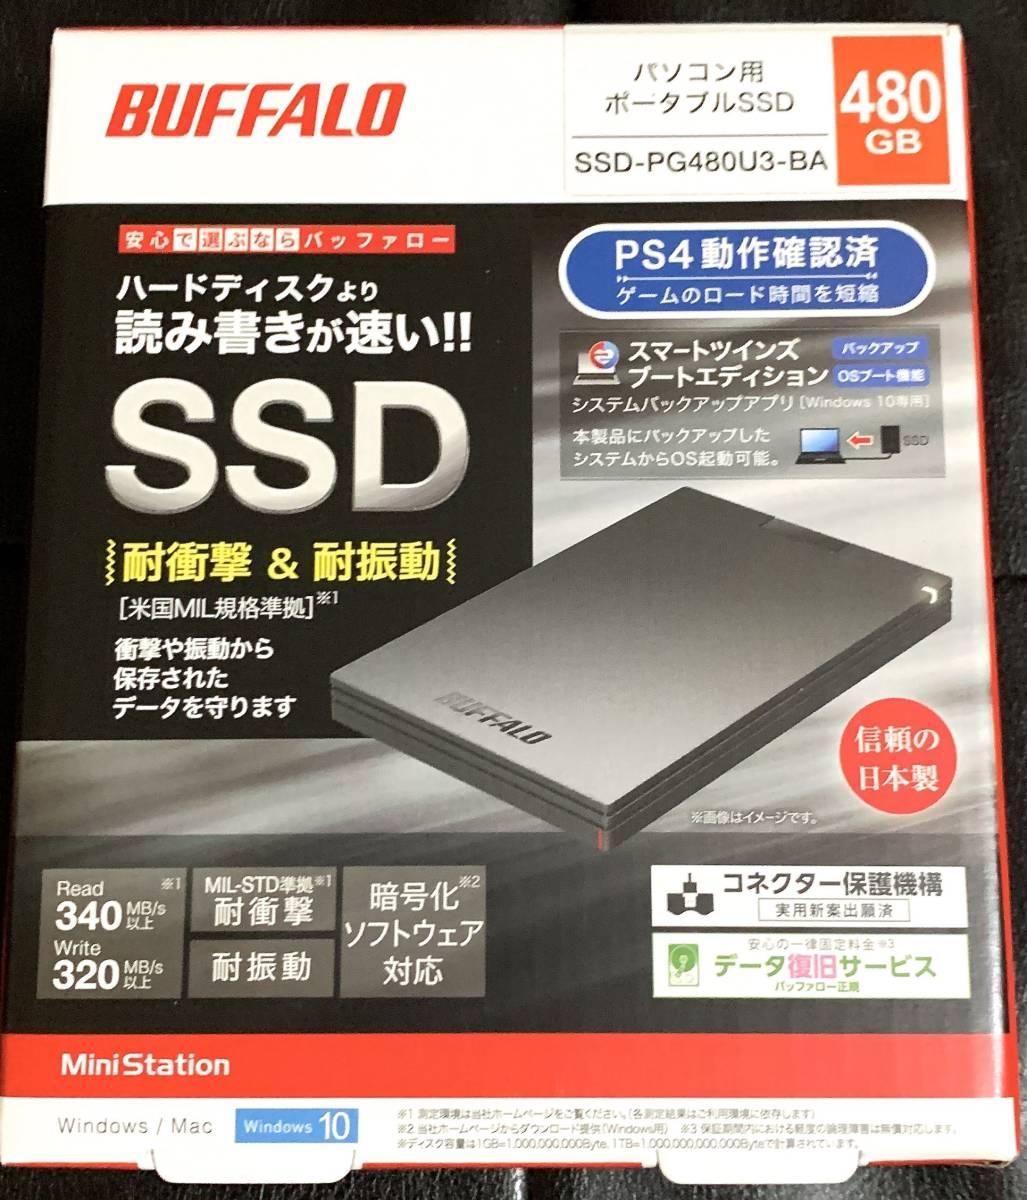 ■新品/送料無料■バッファロー 外付けSSD 480GB SSD-PG480U3-BA BUFFALO 耐振動 耐衝撃 USB3.1 ポータブル